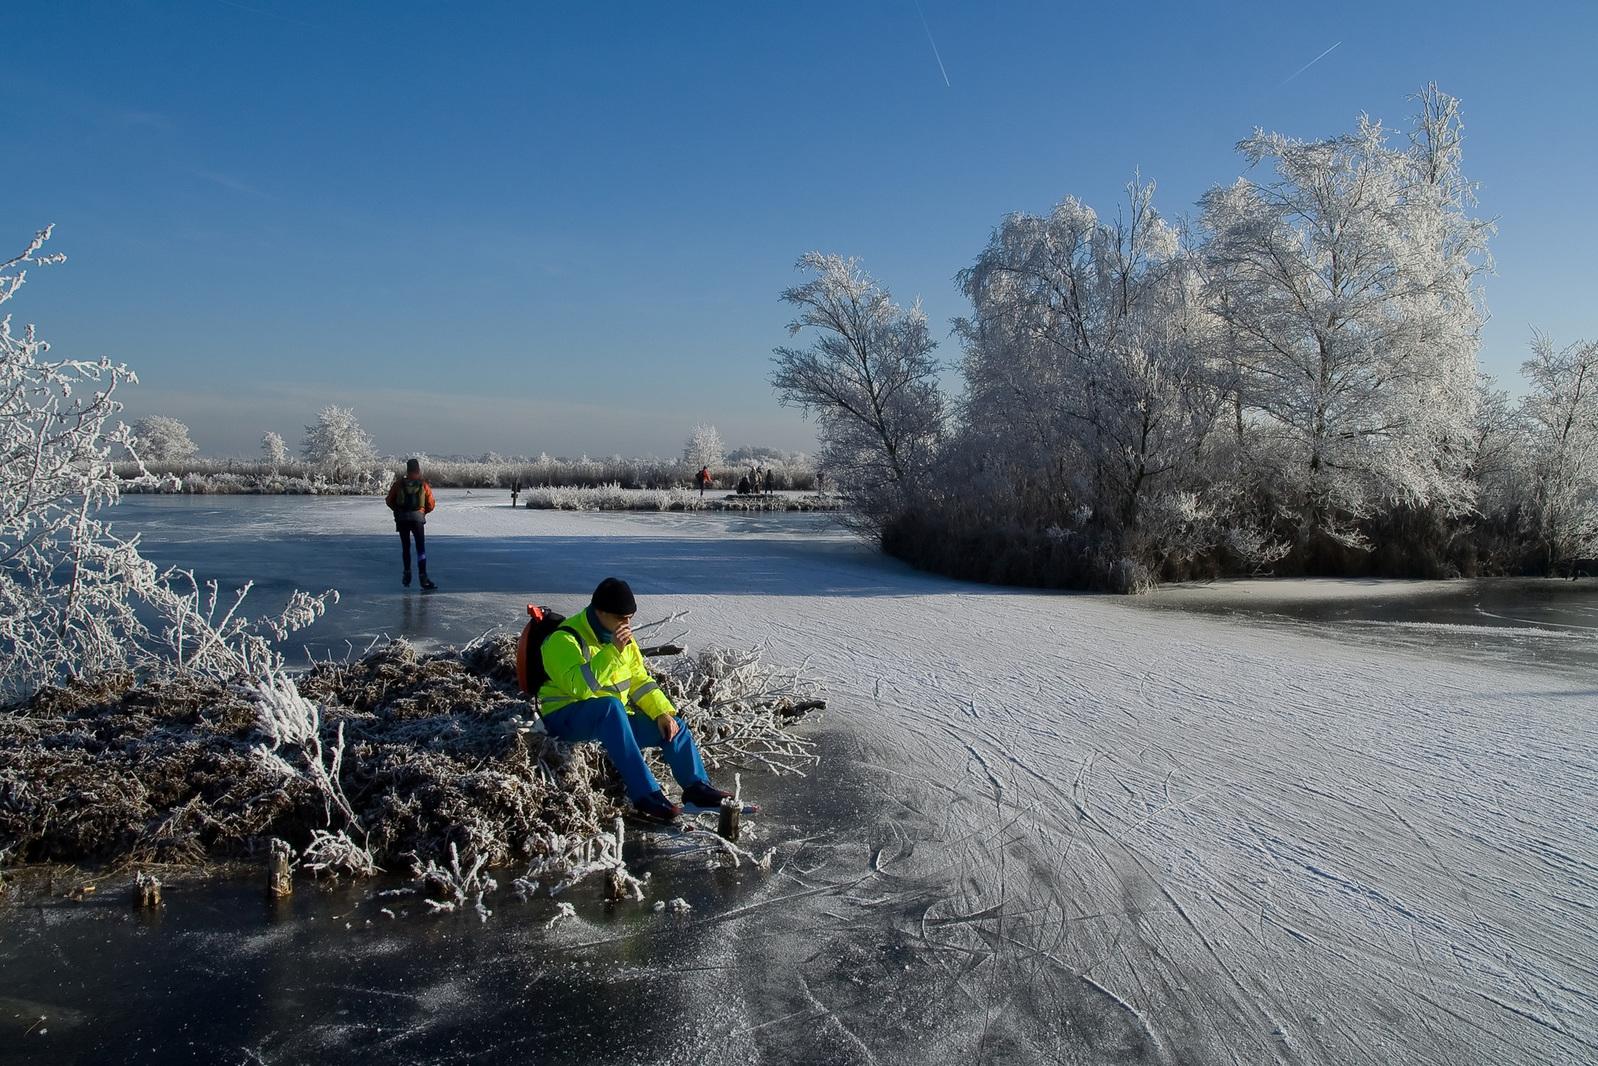 Temperaturen duikelen weer omlaag: schaatsen uit de kast